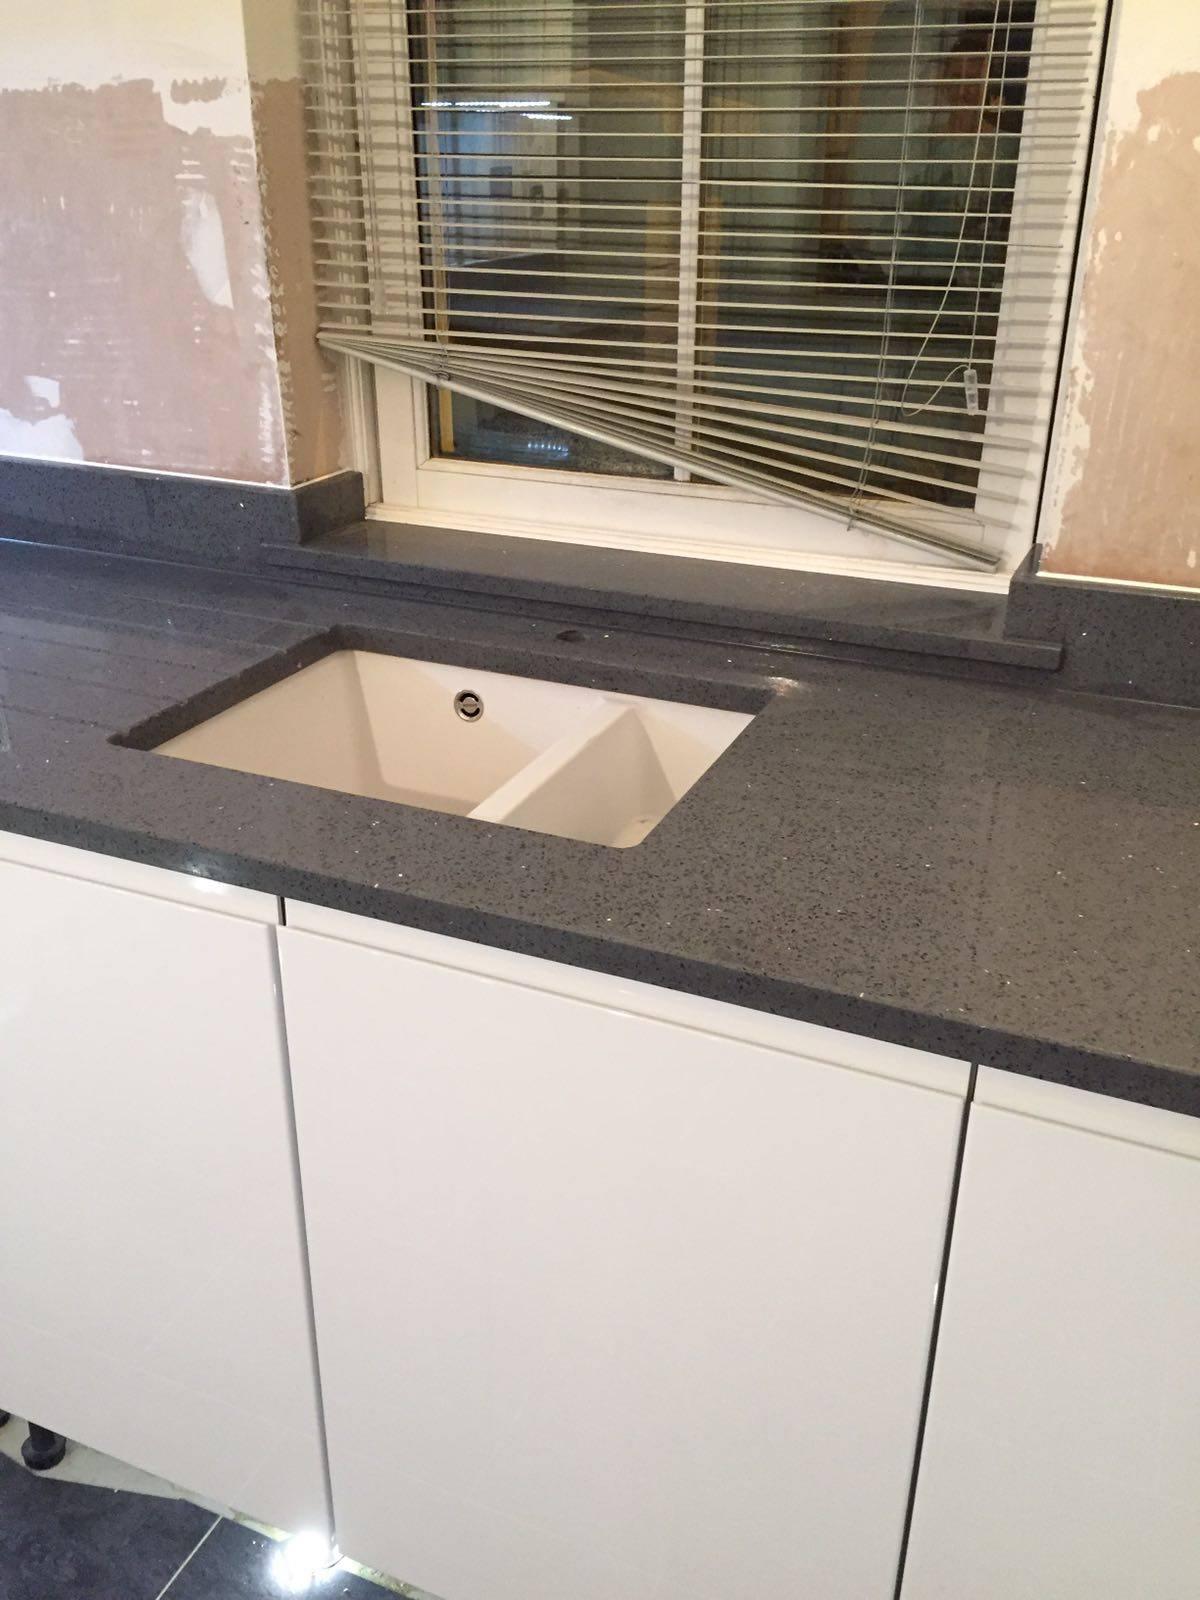 Grigio Scuro Stella Dark Grey Mirror Rock And Co Granite Ltd